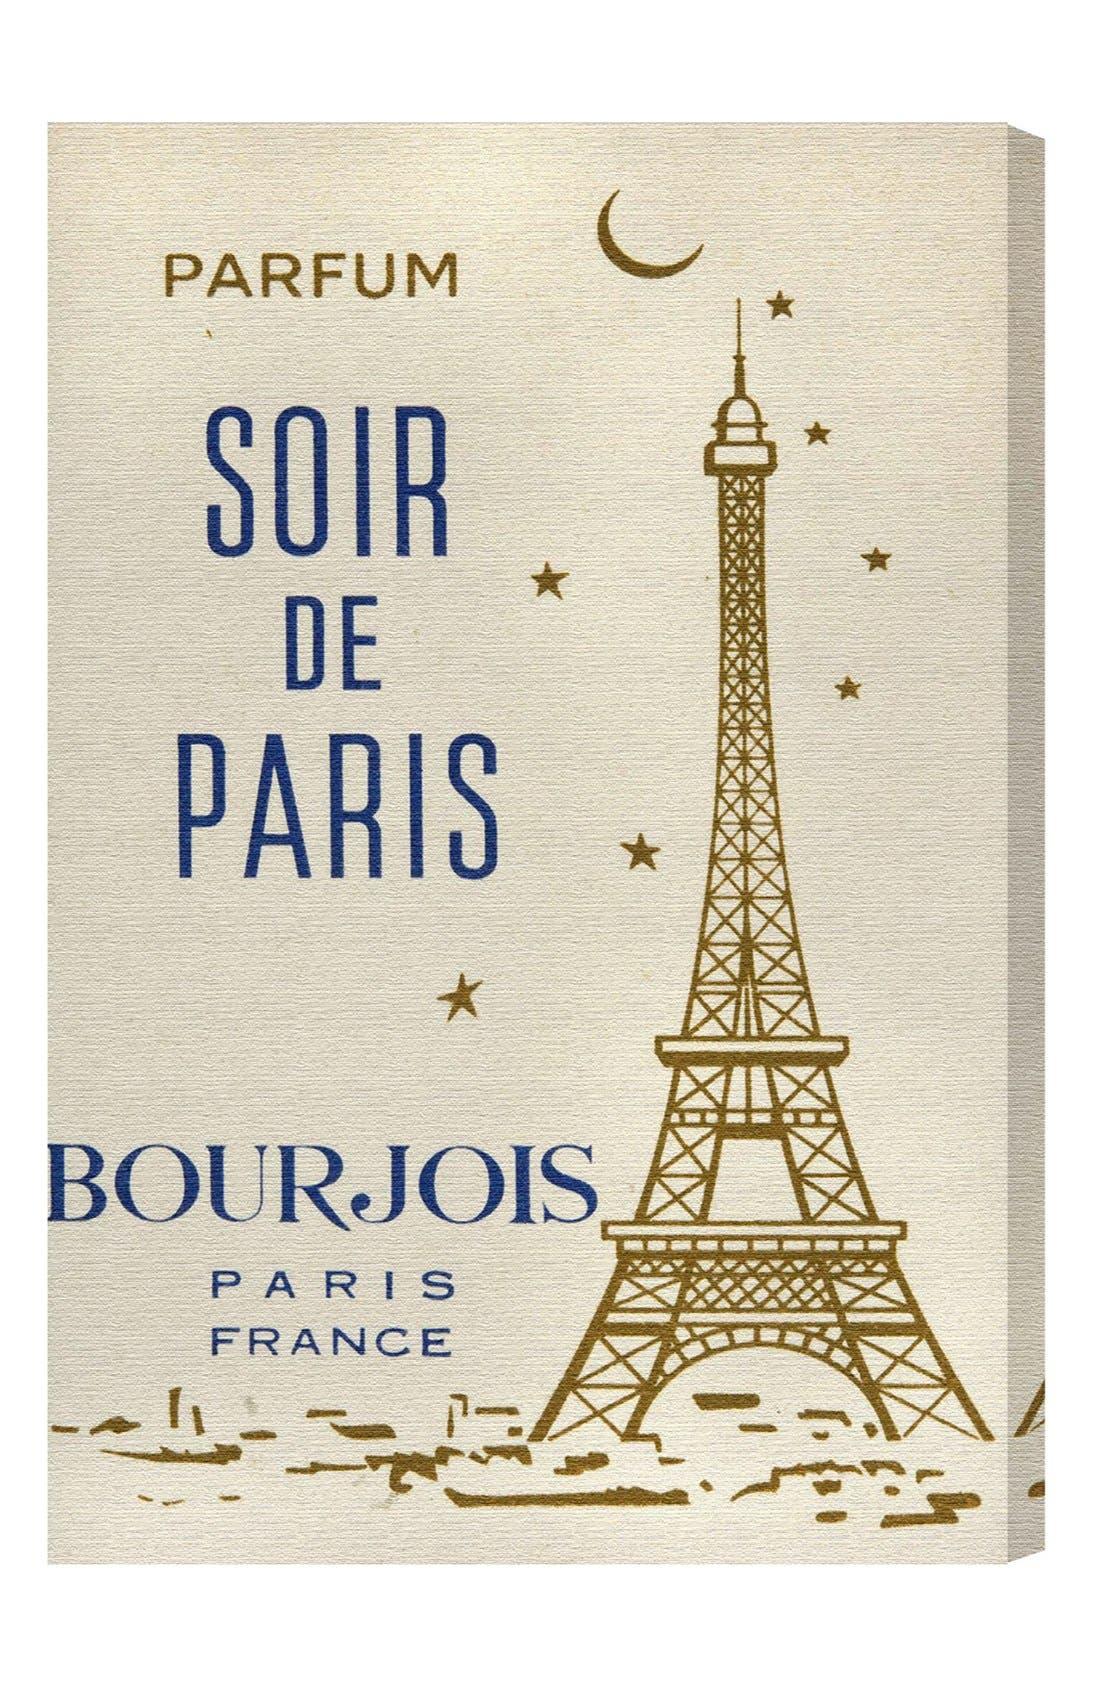 'Parfum Soir de Paris' Wall Art,                         Main,                         color, Beige/ Khaki